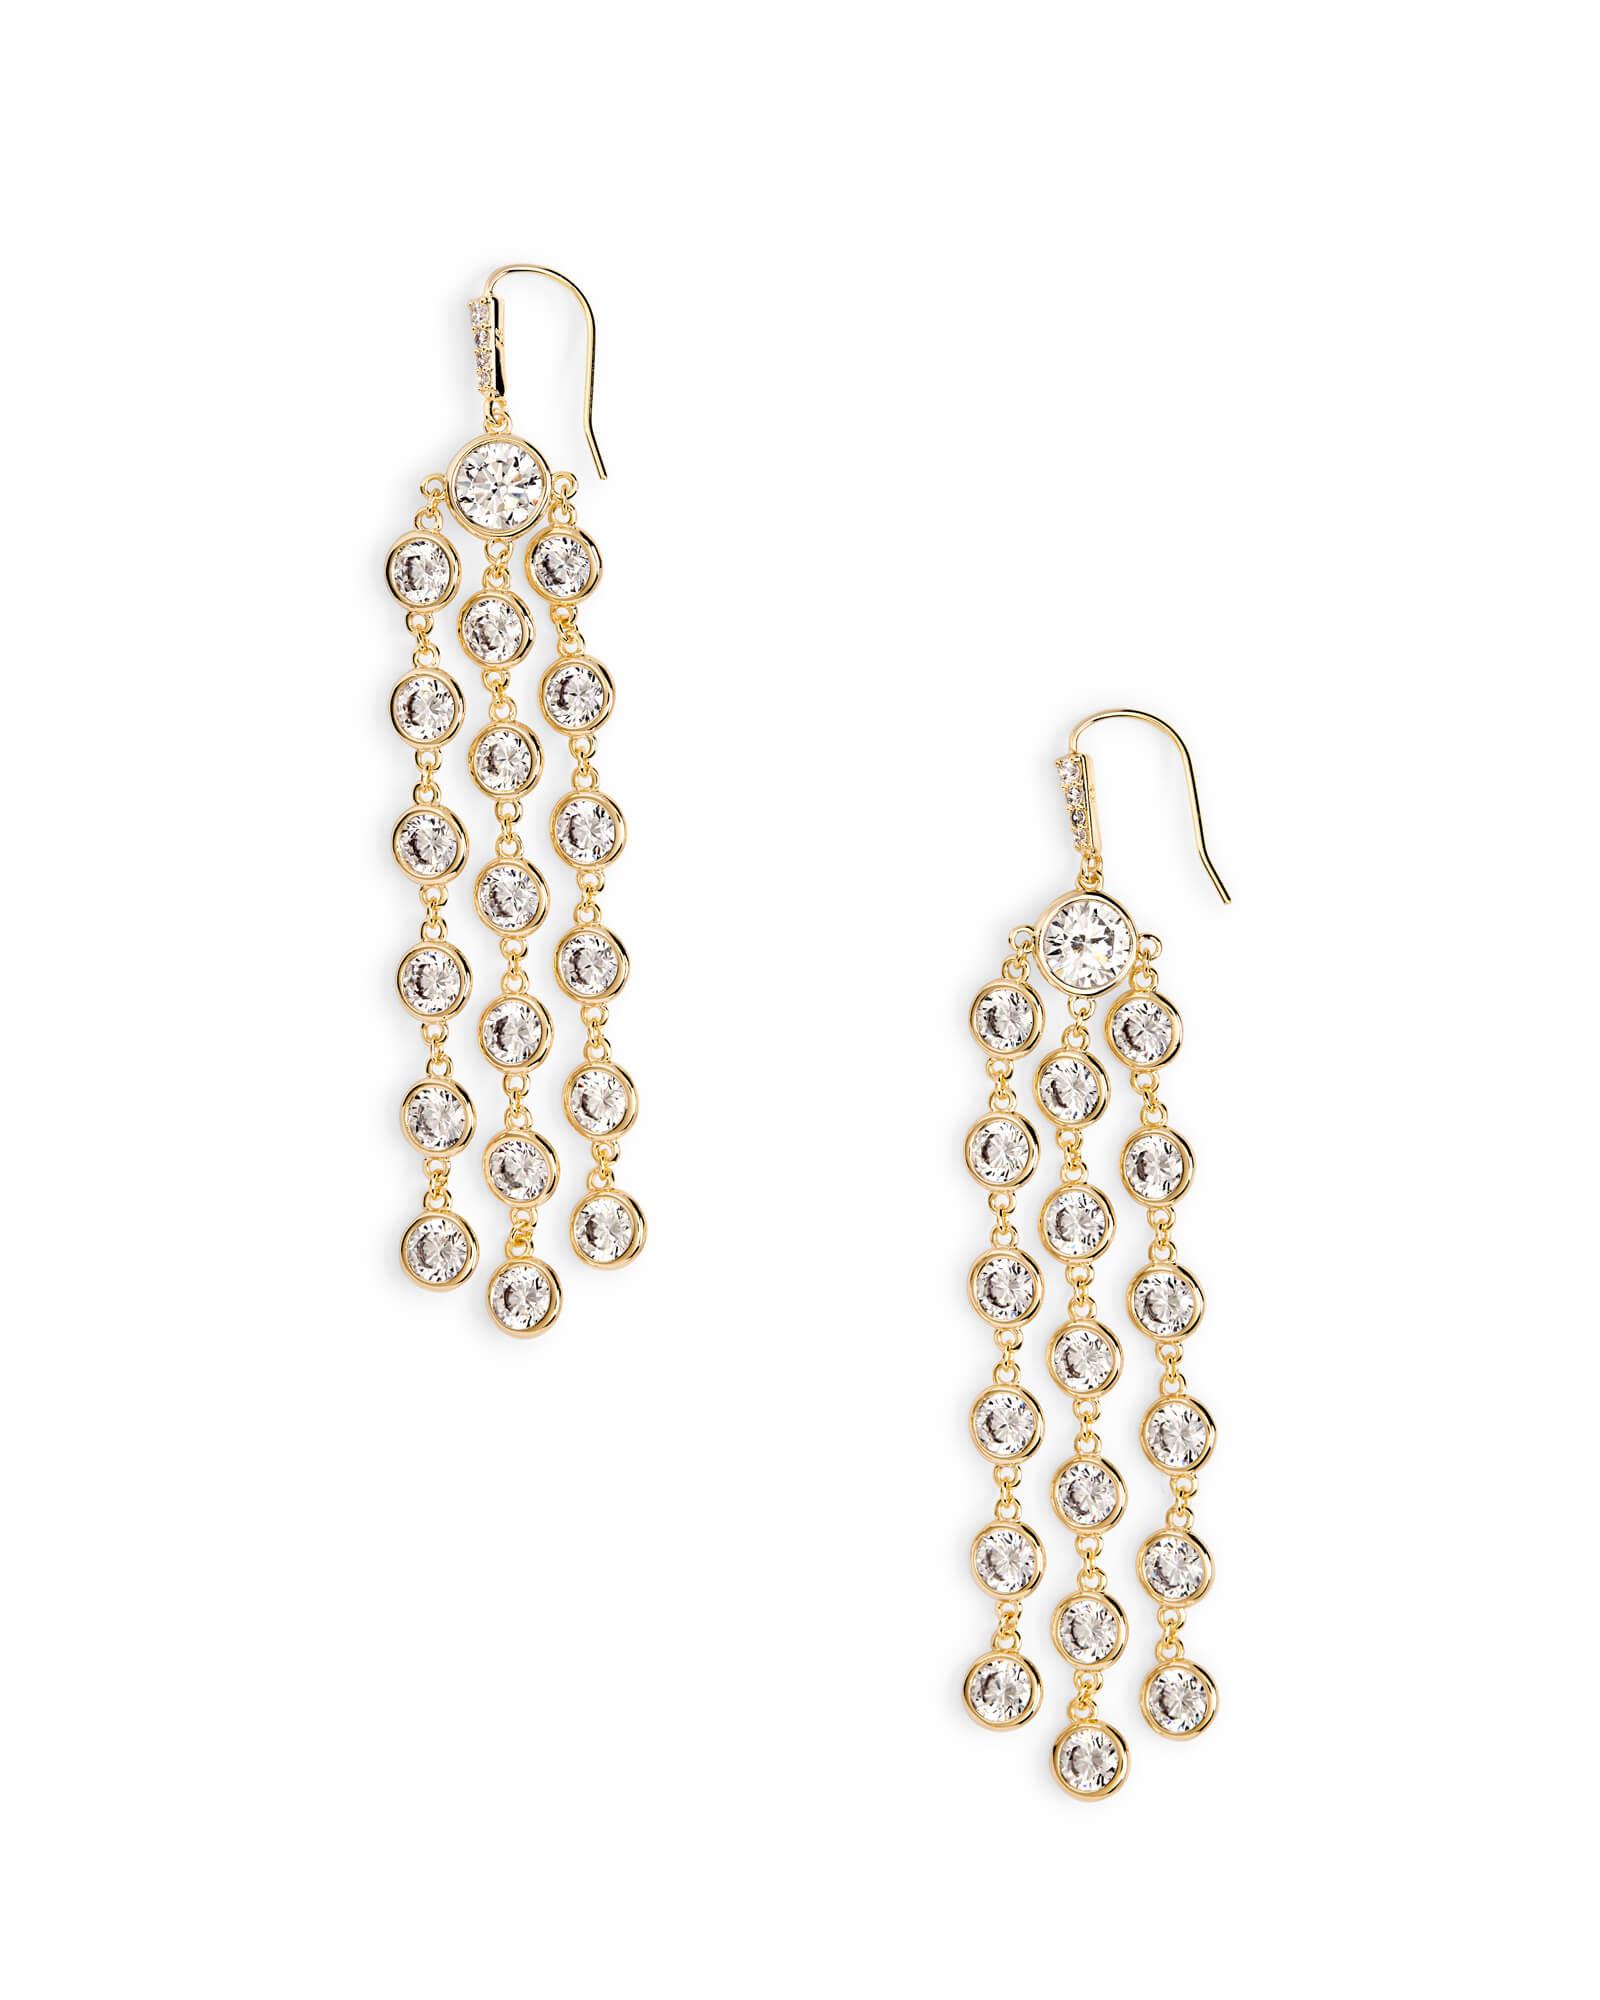 Daya Statement Earrings in Gold | Kendra Scott